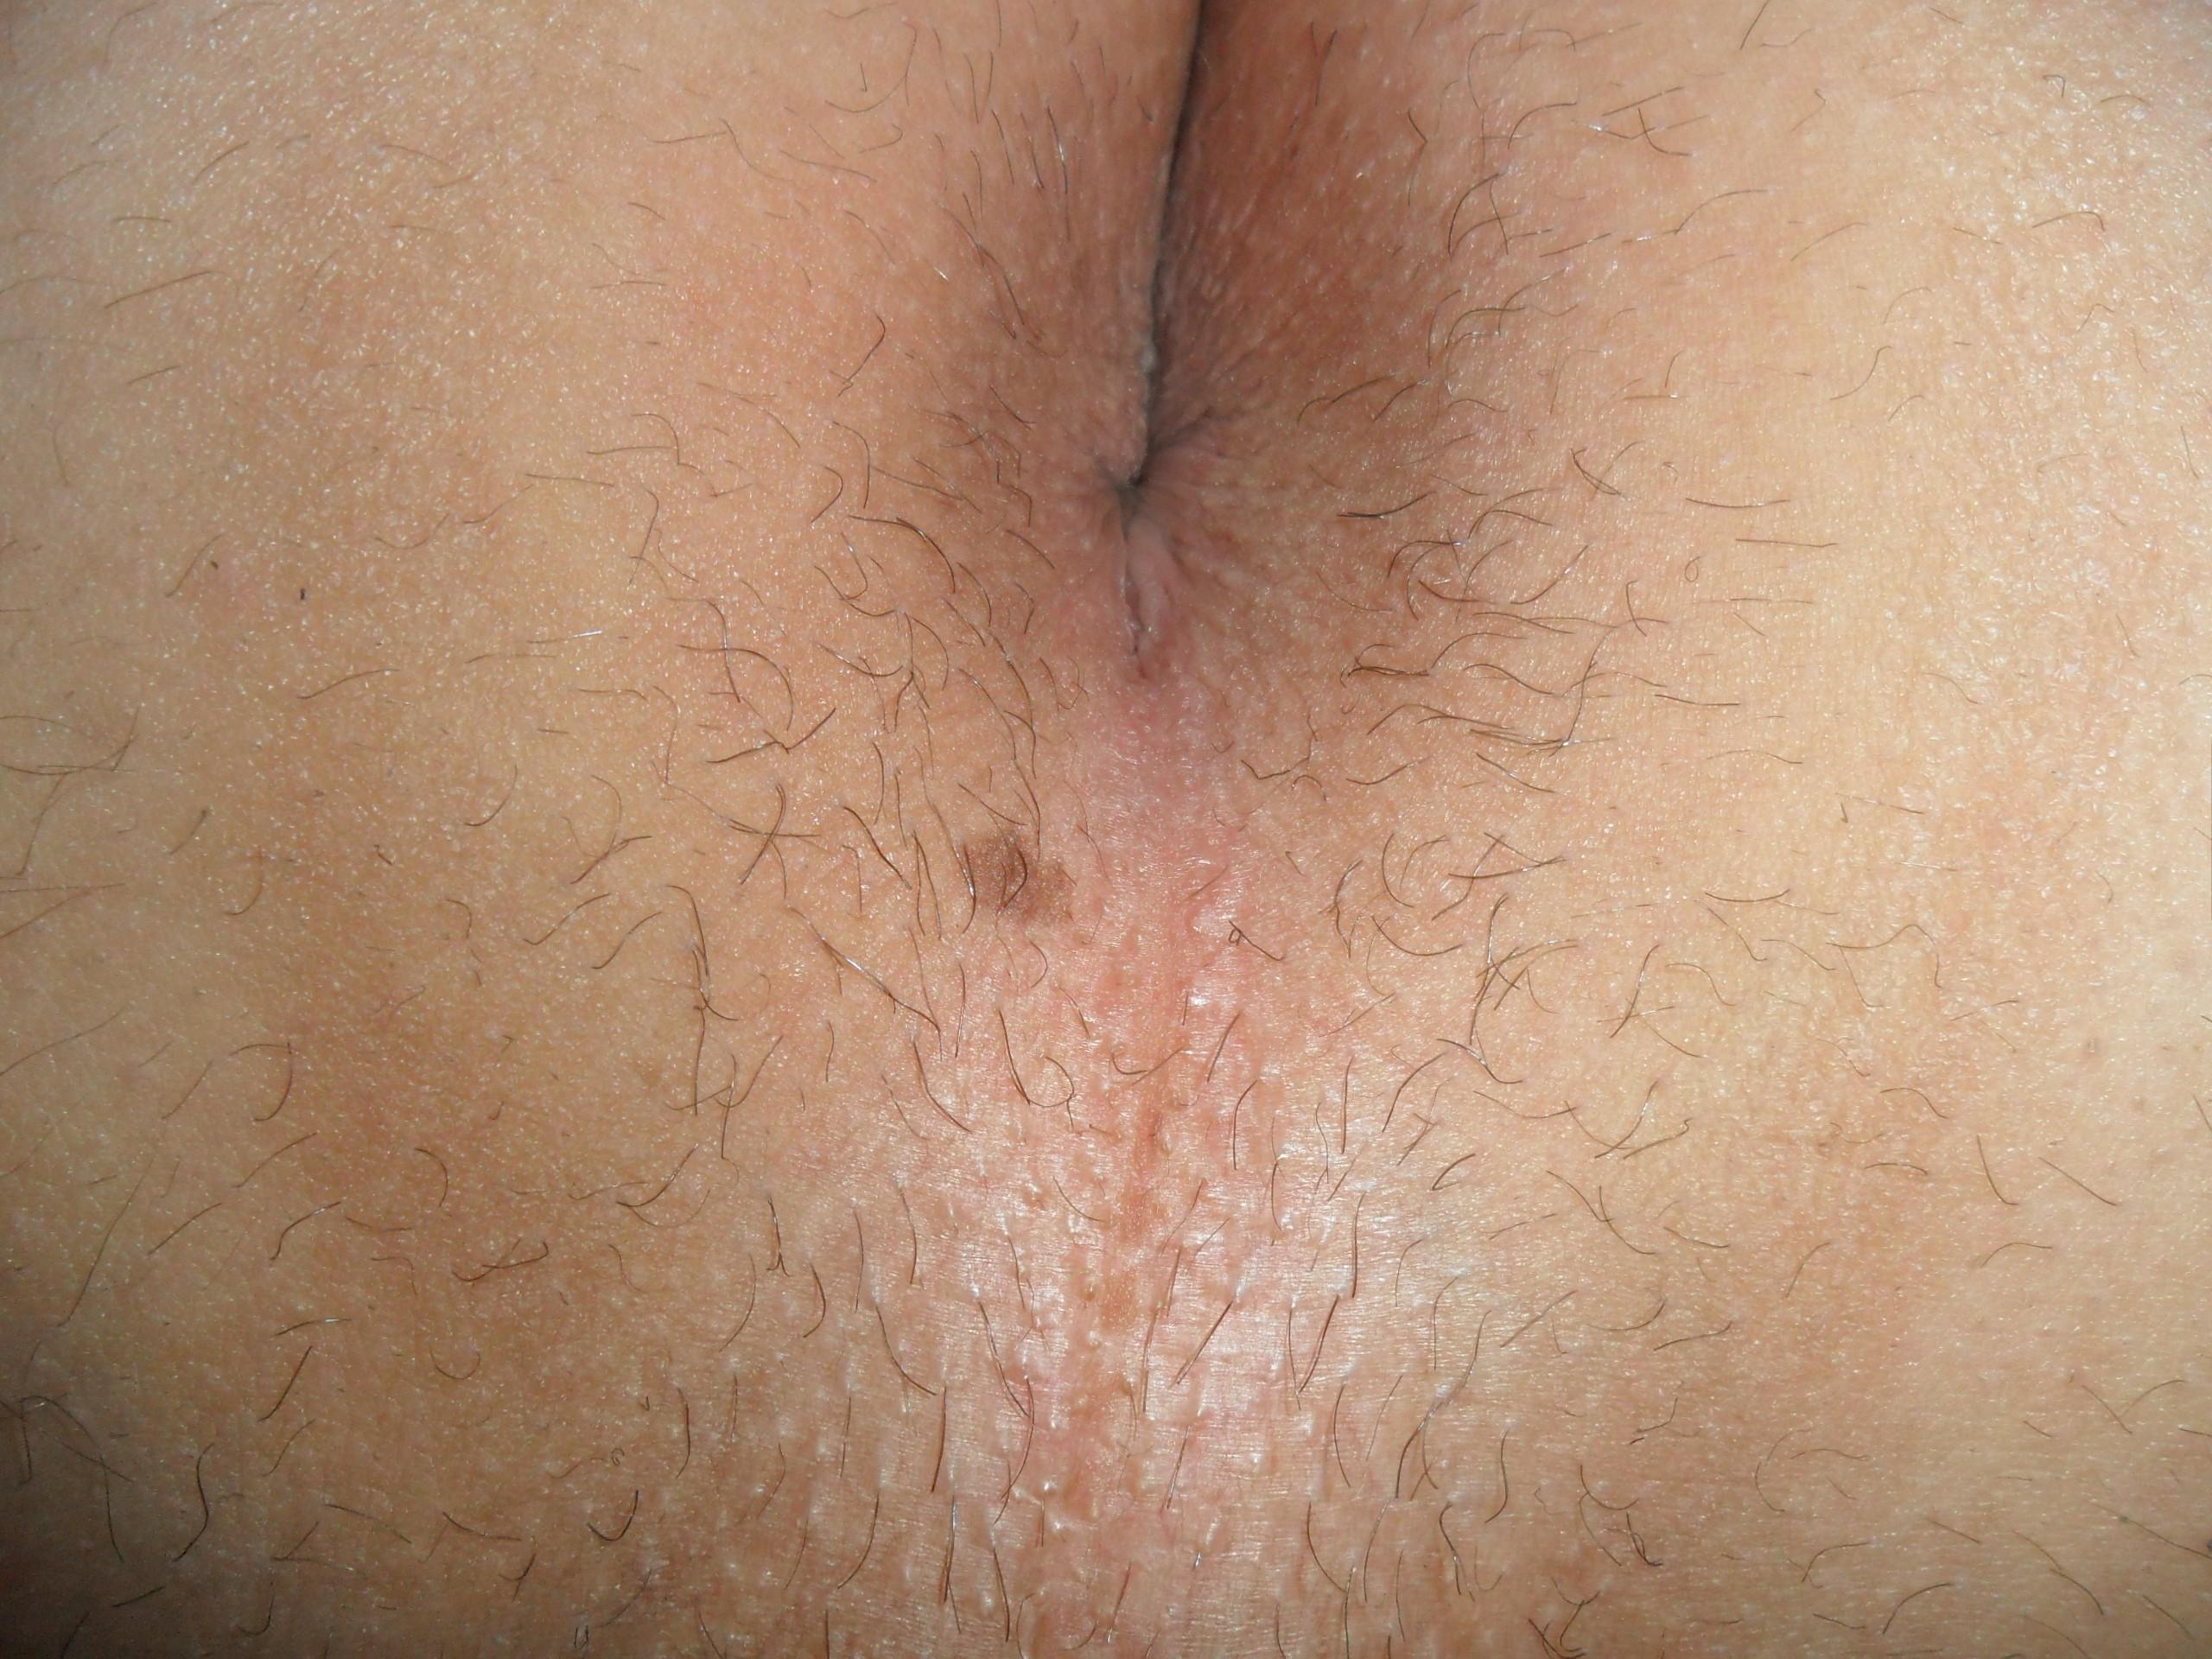 show-persian-trimming-around-anus